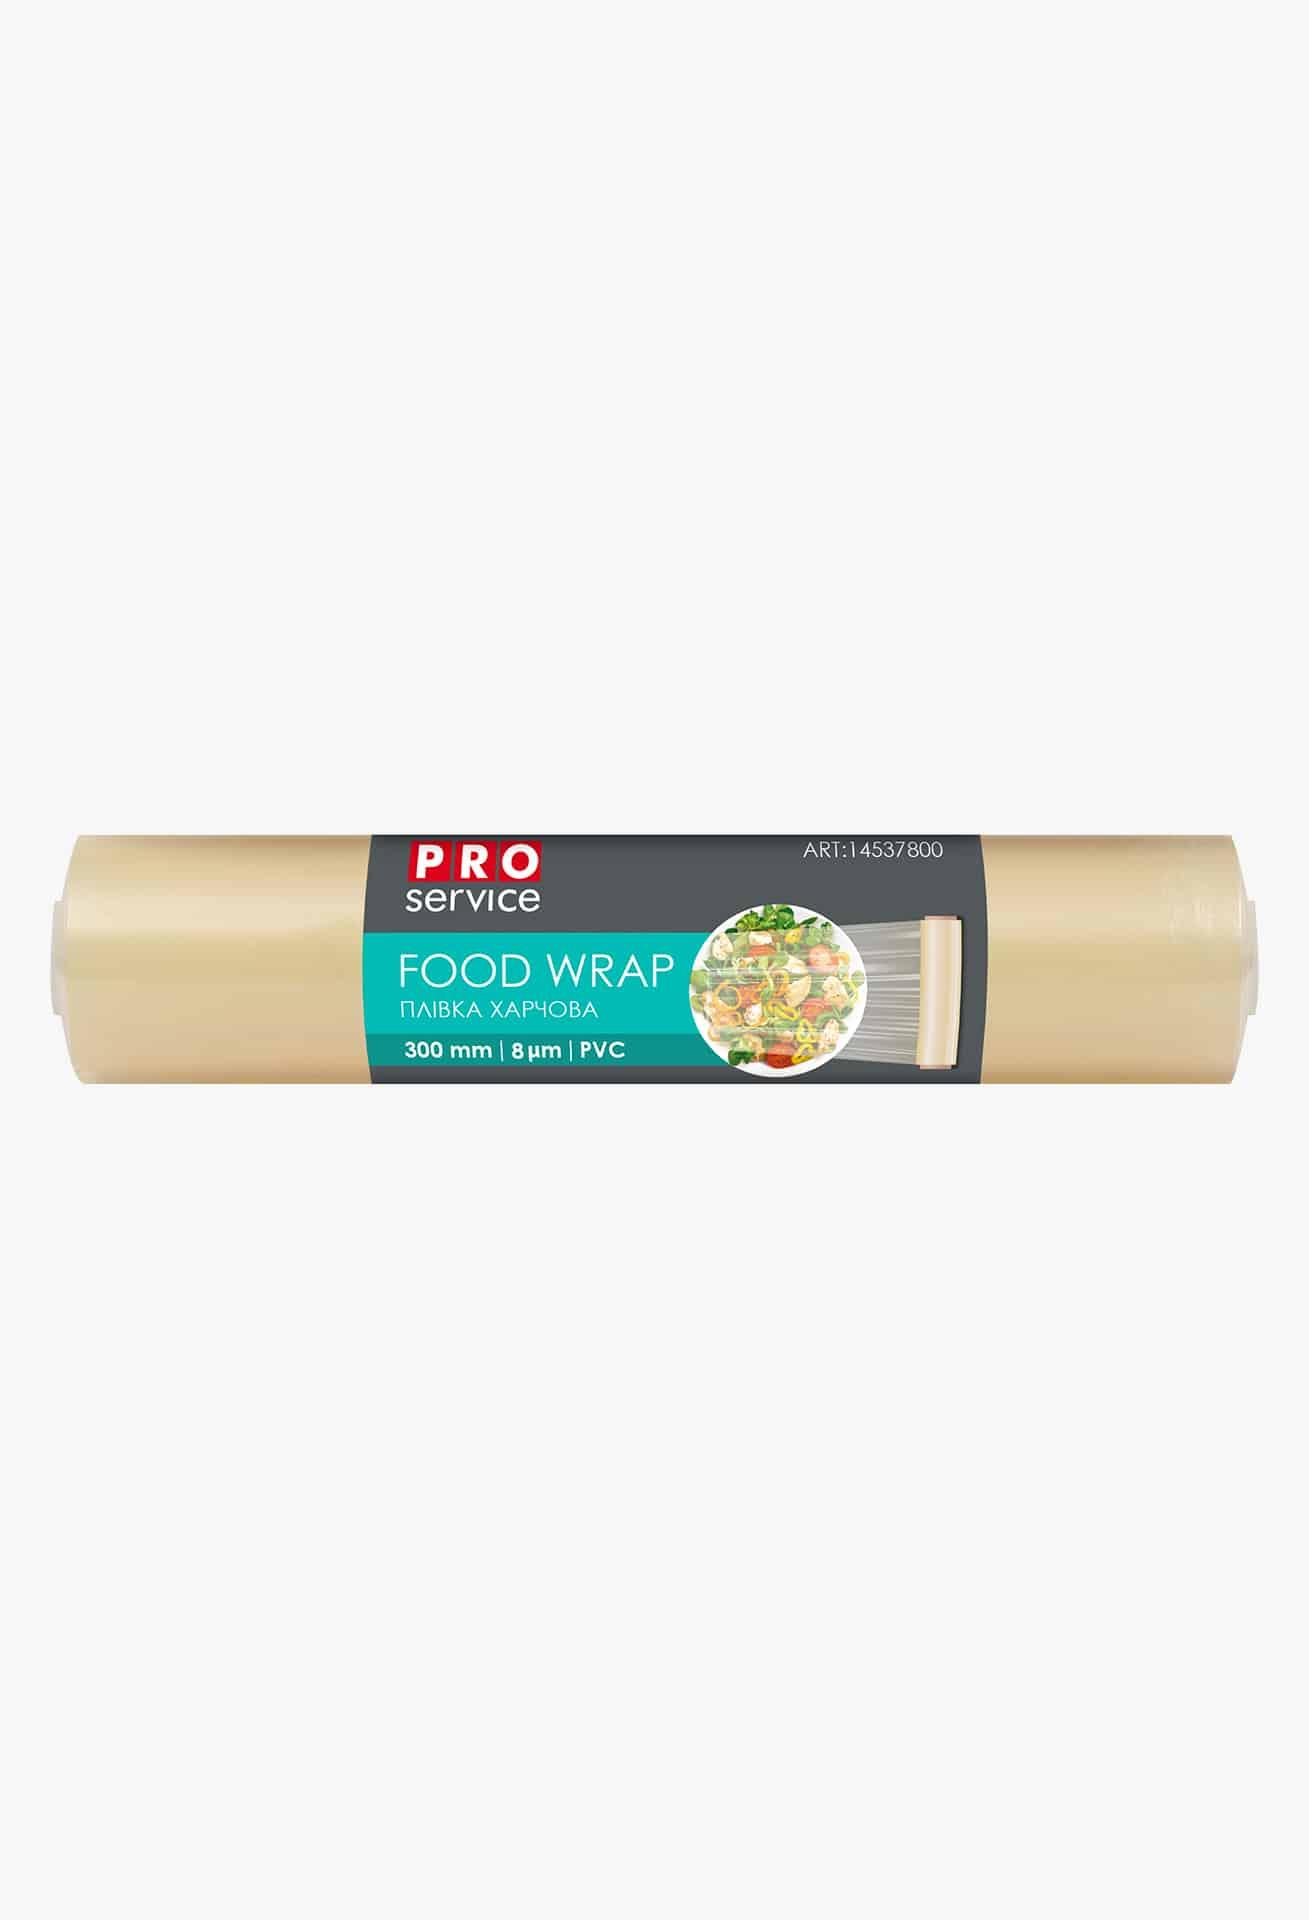 PRO Плівка харчова PVC 300м х 30см, 8 мкм